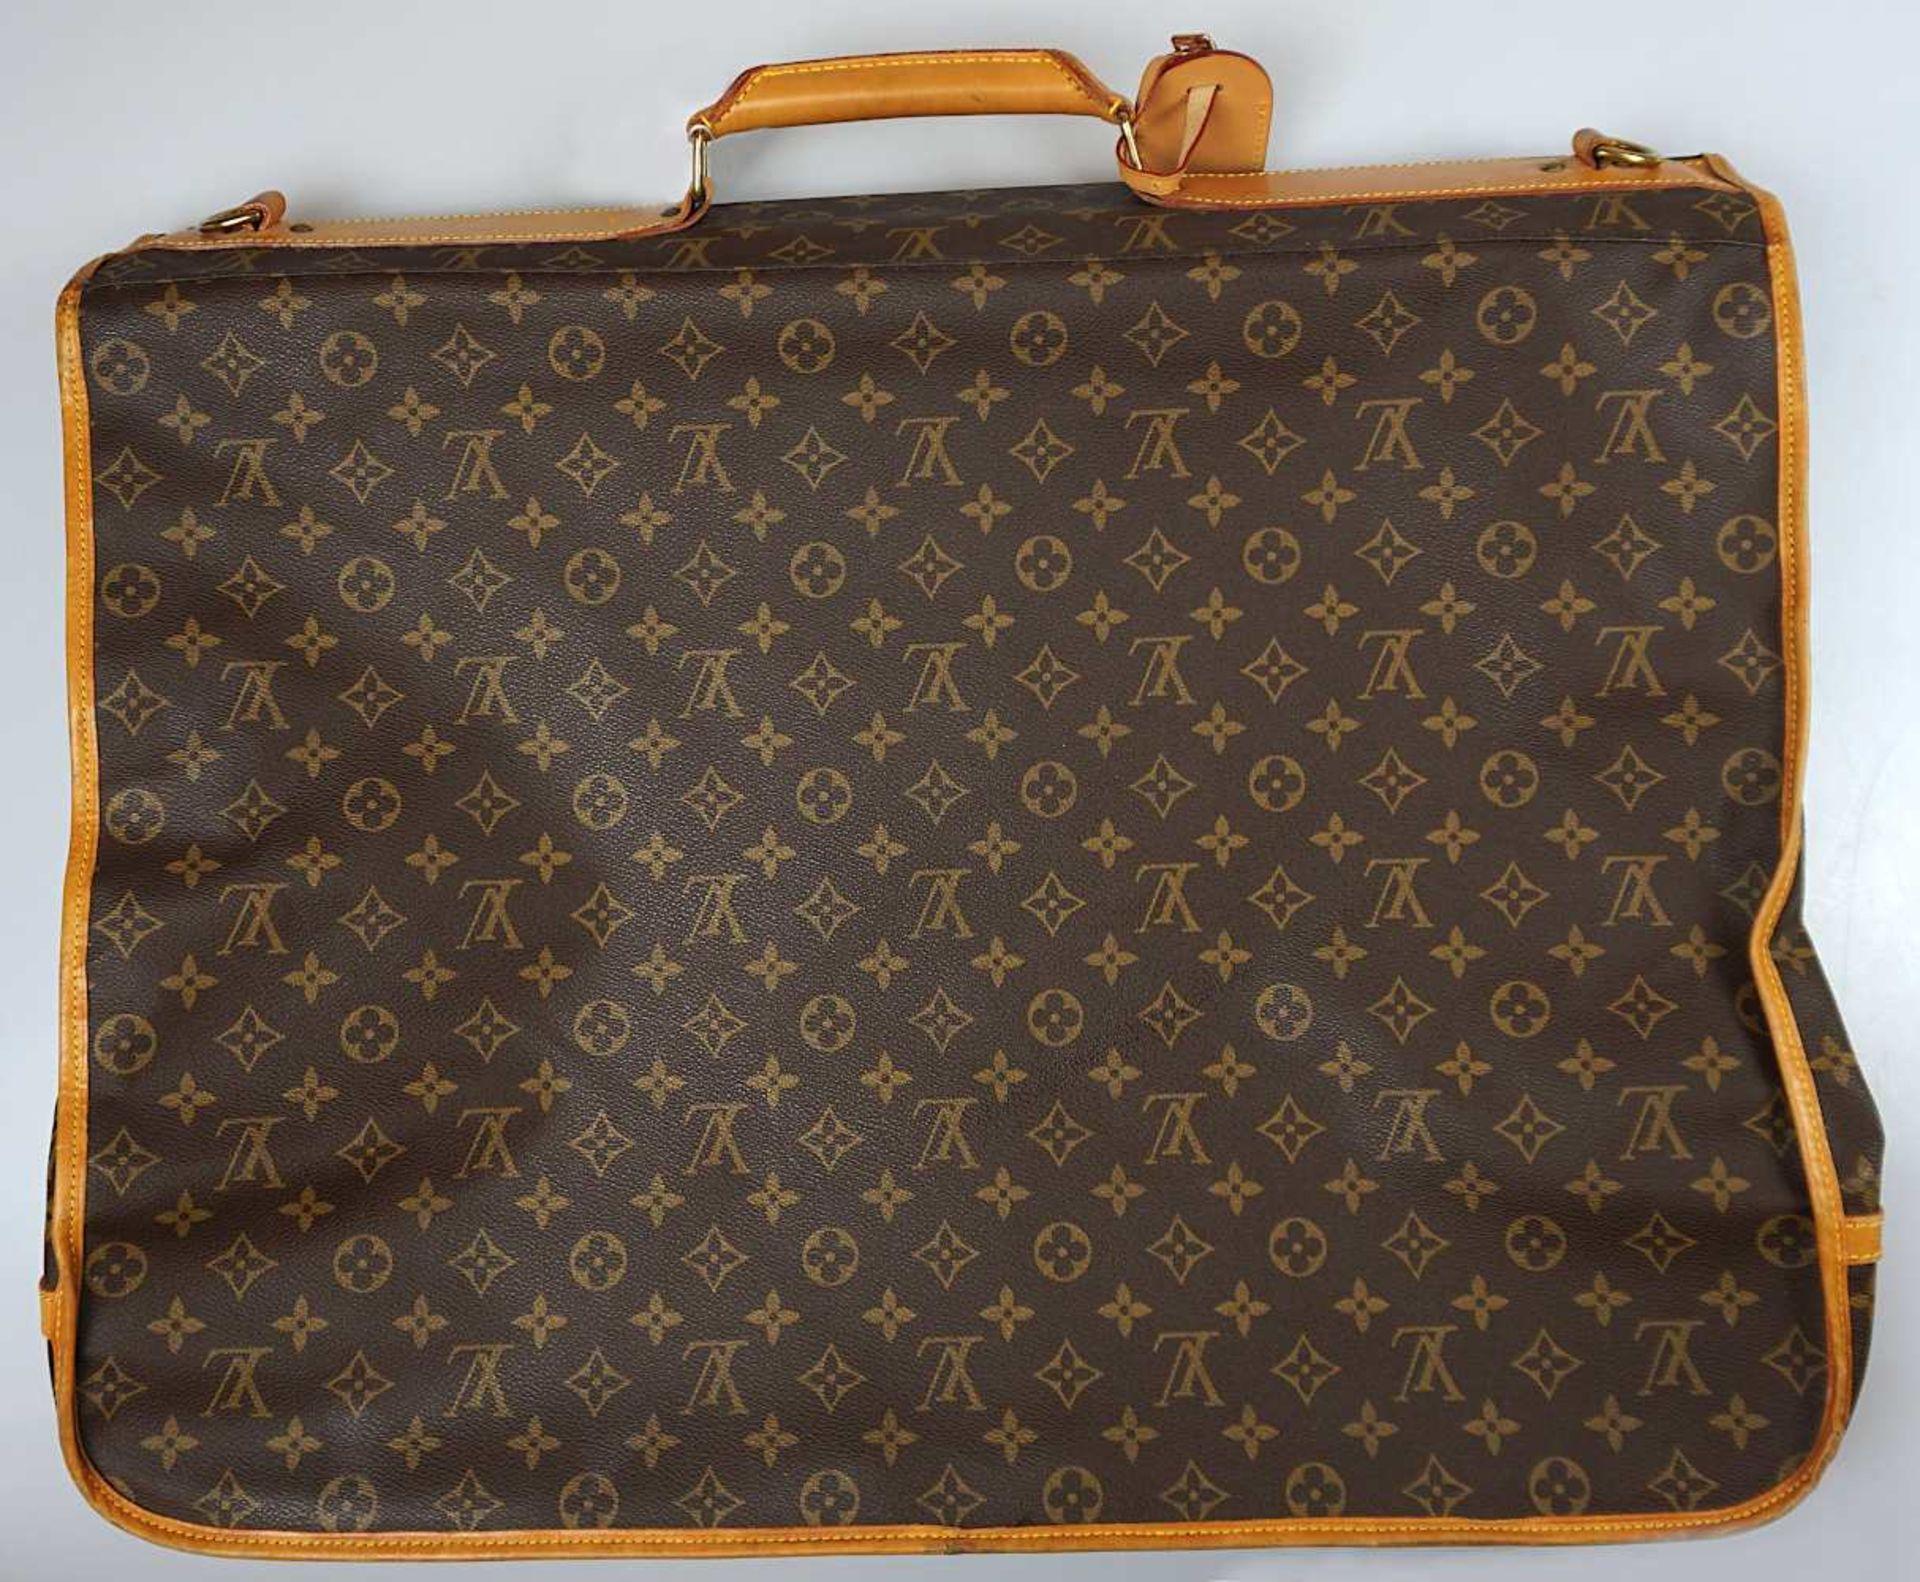 1 Kleidersack LOUIS VUITTON u.a. sichtbare Gsp.